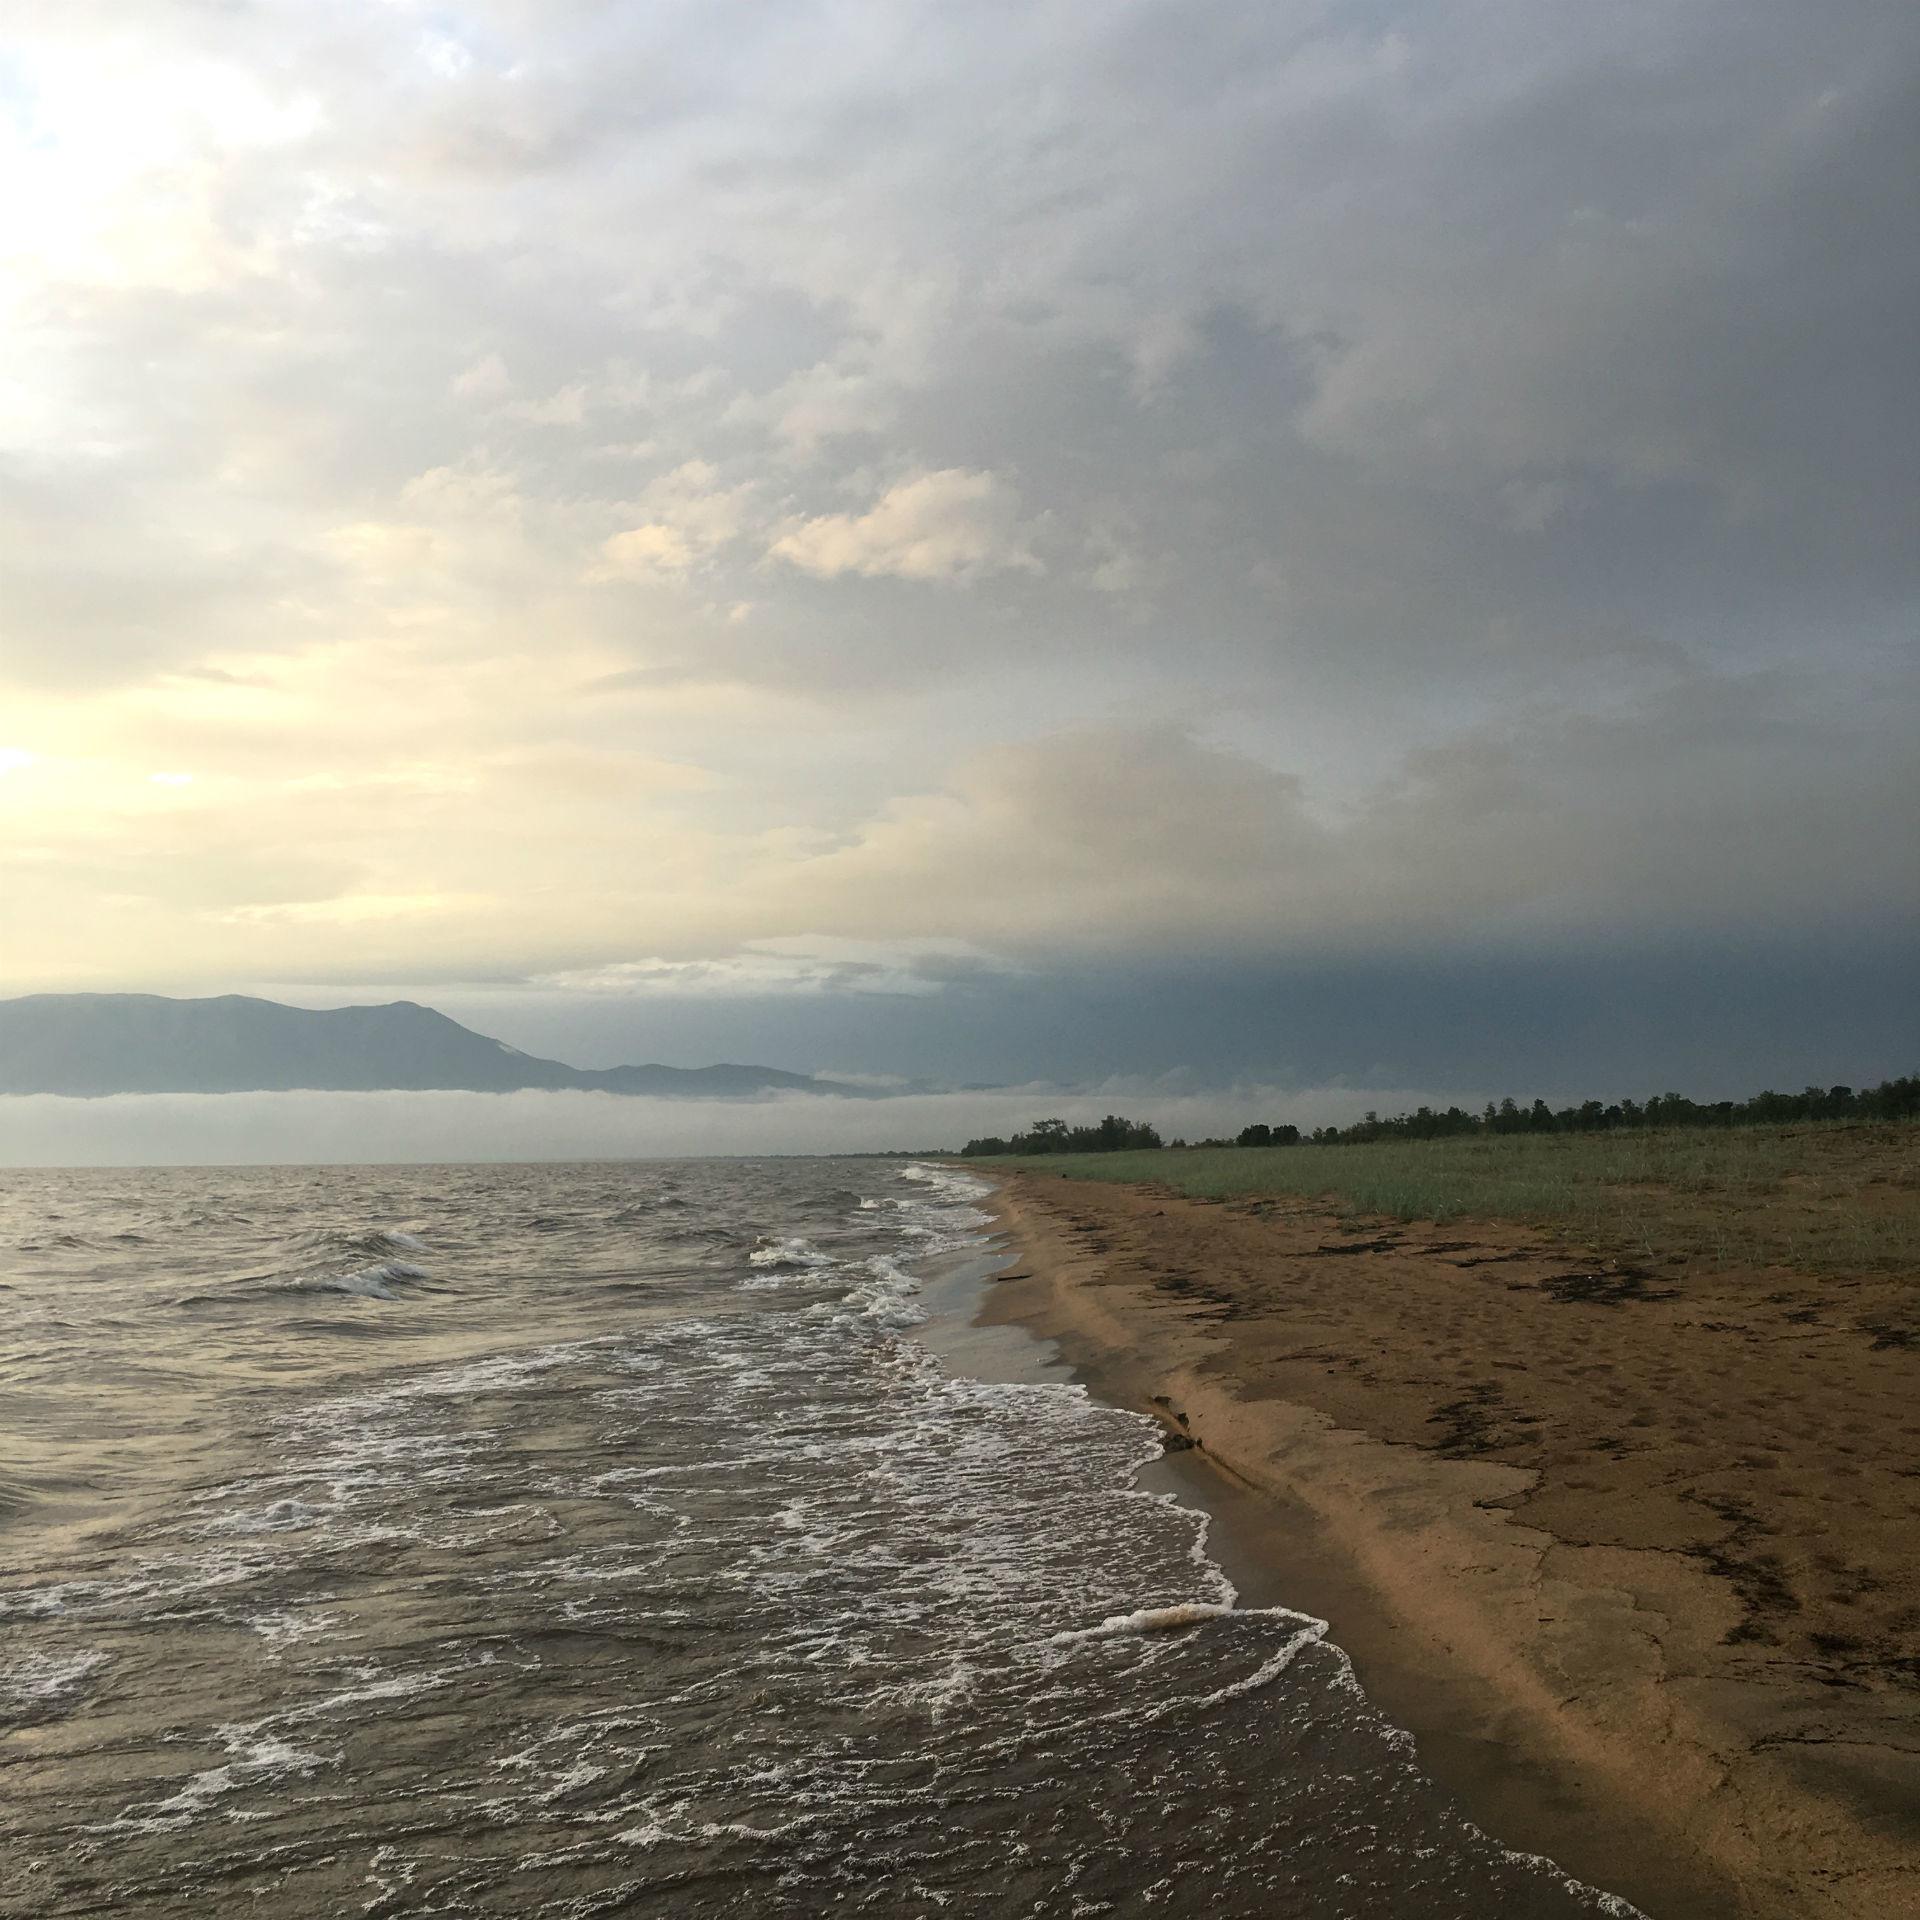 Le vaste rivage sauvage du Baïkal, à l'horizon embrumé.